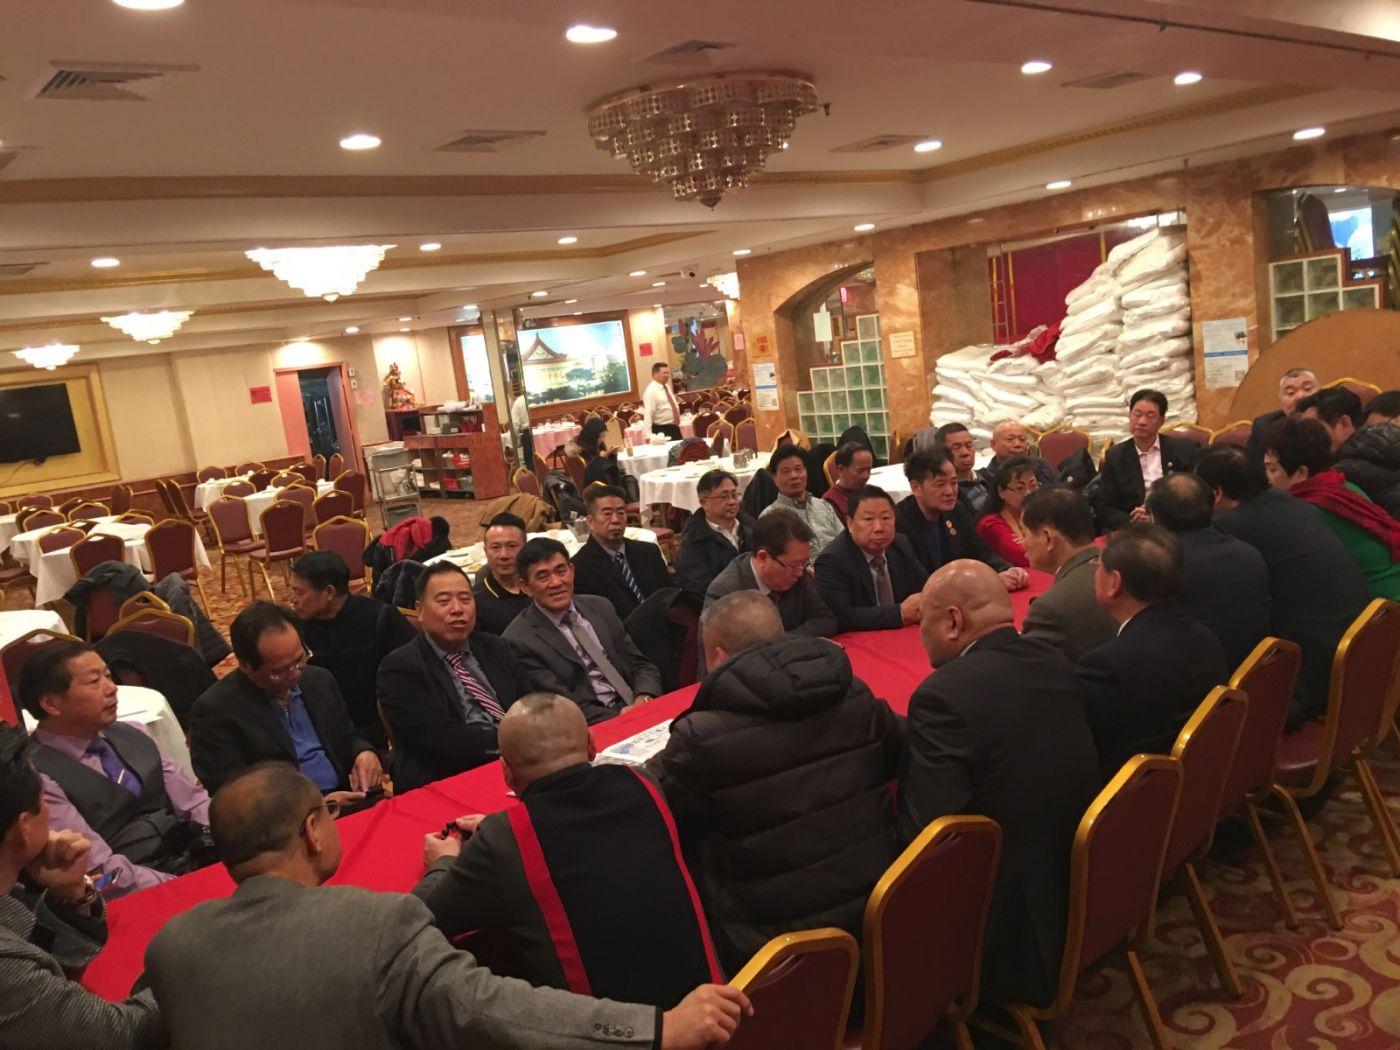 紐約華人華僑維護香港穩定繁榮座談會在紐約舉行_图1-3